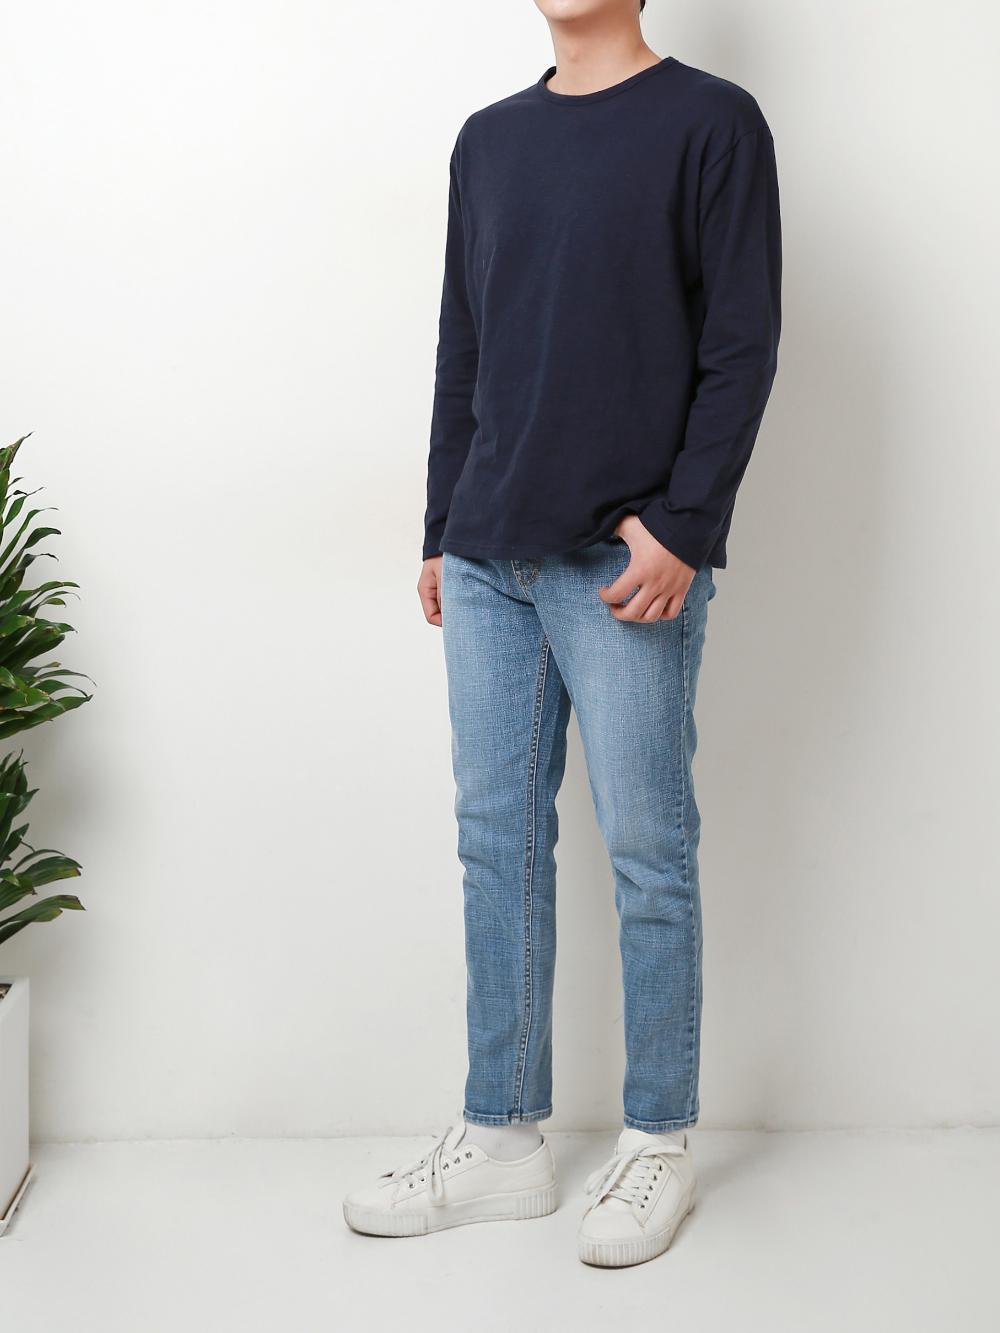 긴팔 티셔츠 모델 착용 이미지-S1L25